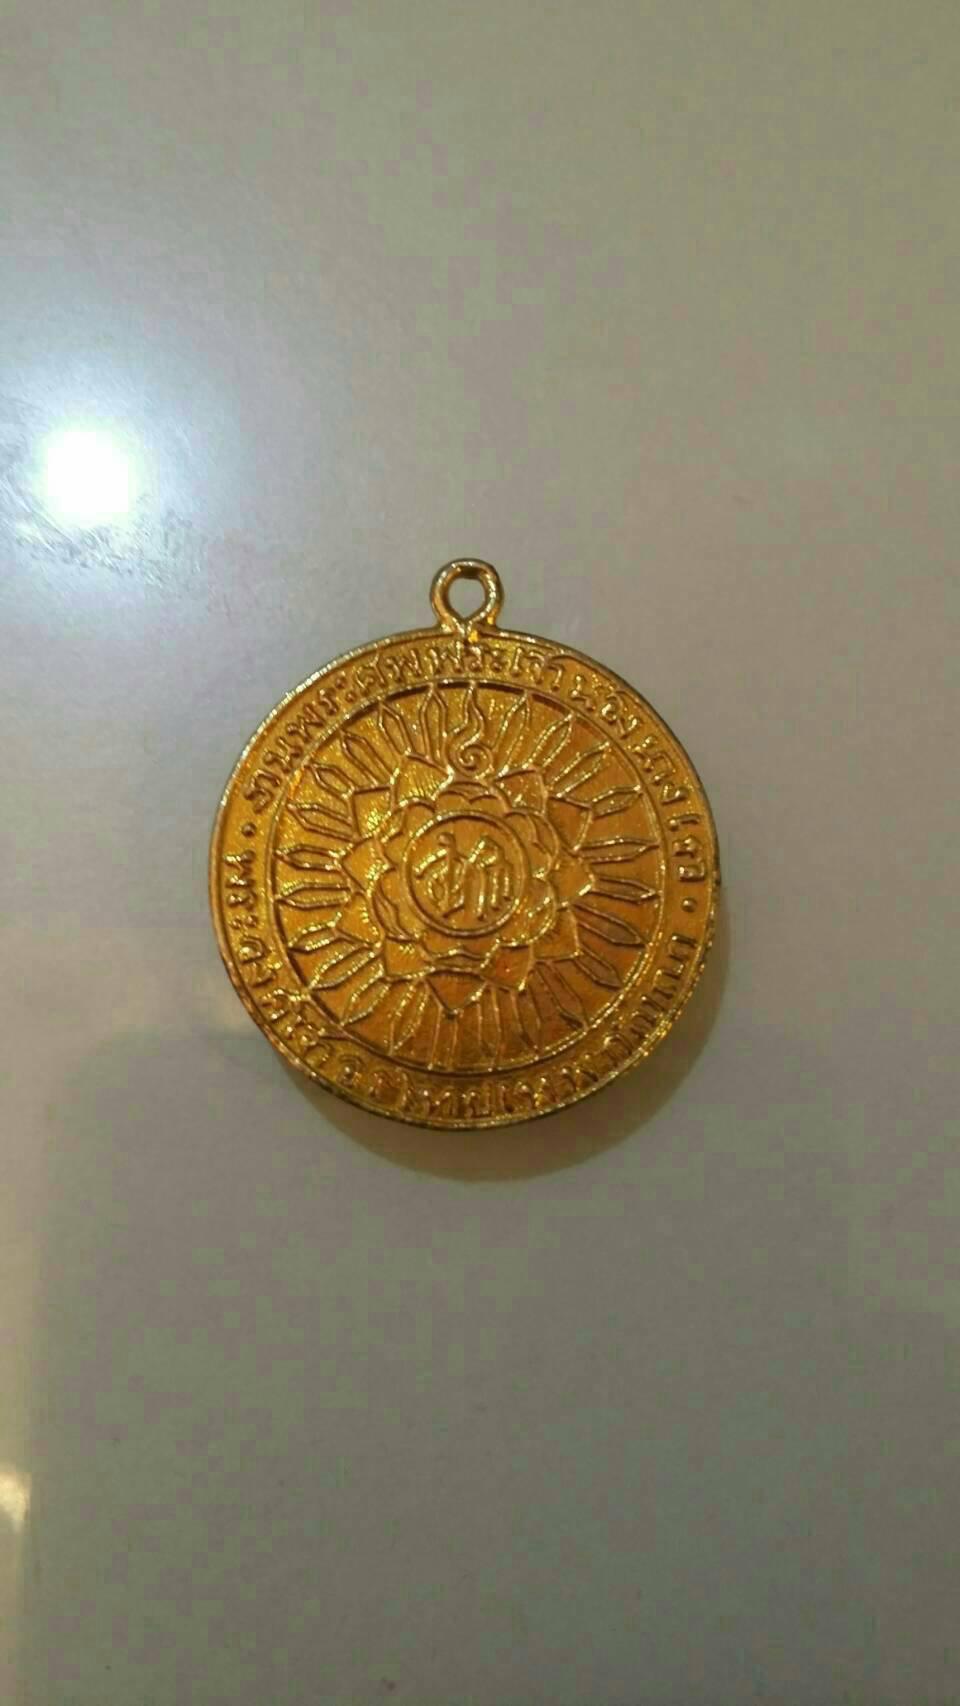 ขายเหรียญที่ระลึกเนื้อเงินกะไหล่ทอง งานพระศพ พระนางเจ้าอรไทยเทพกัญญา ร.ศ.125 รูปที่ 1